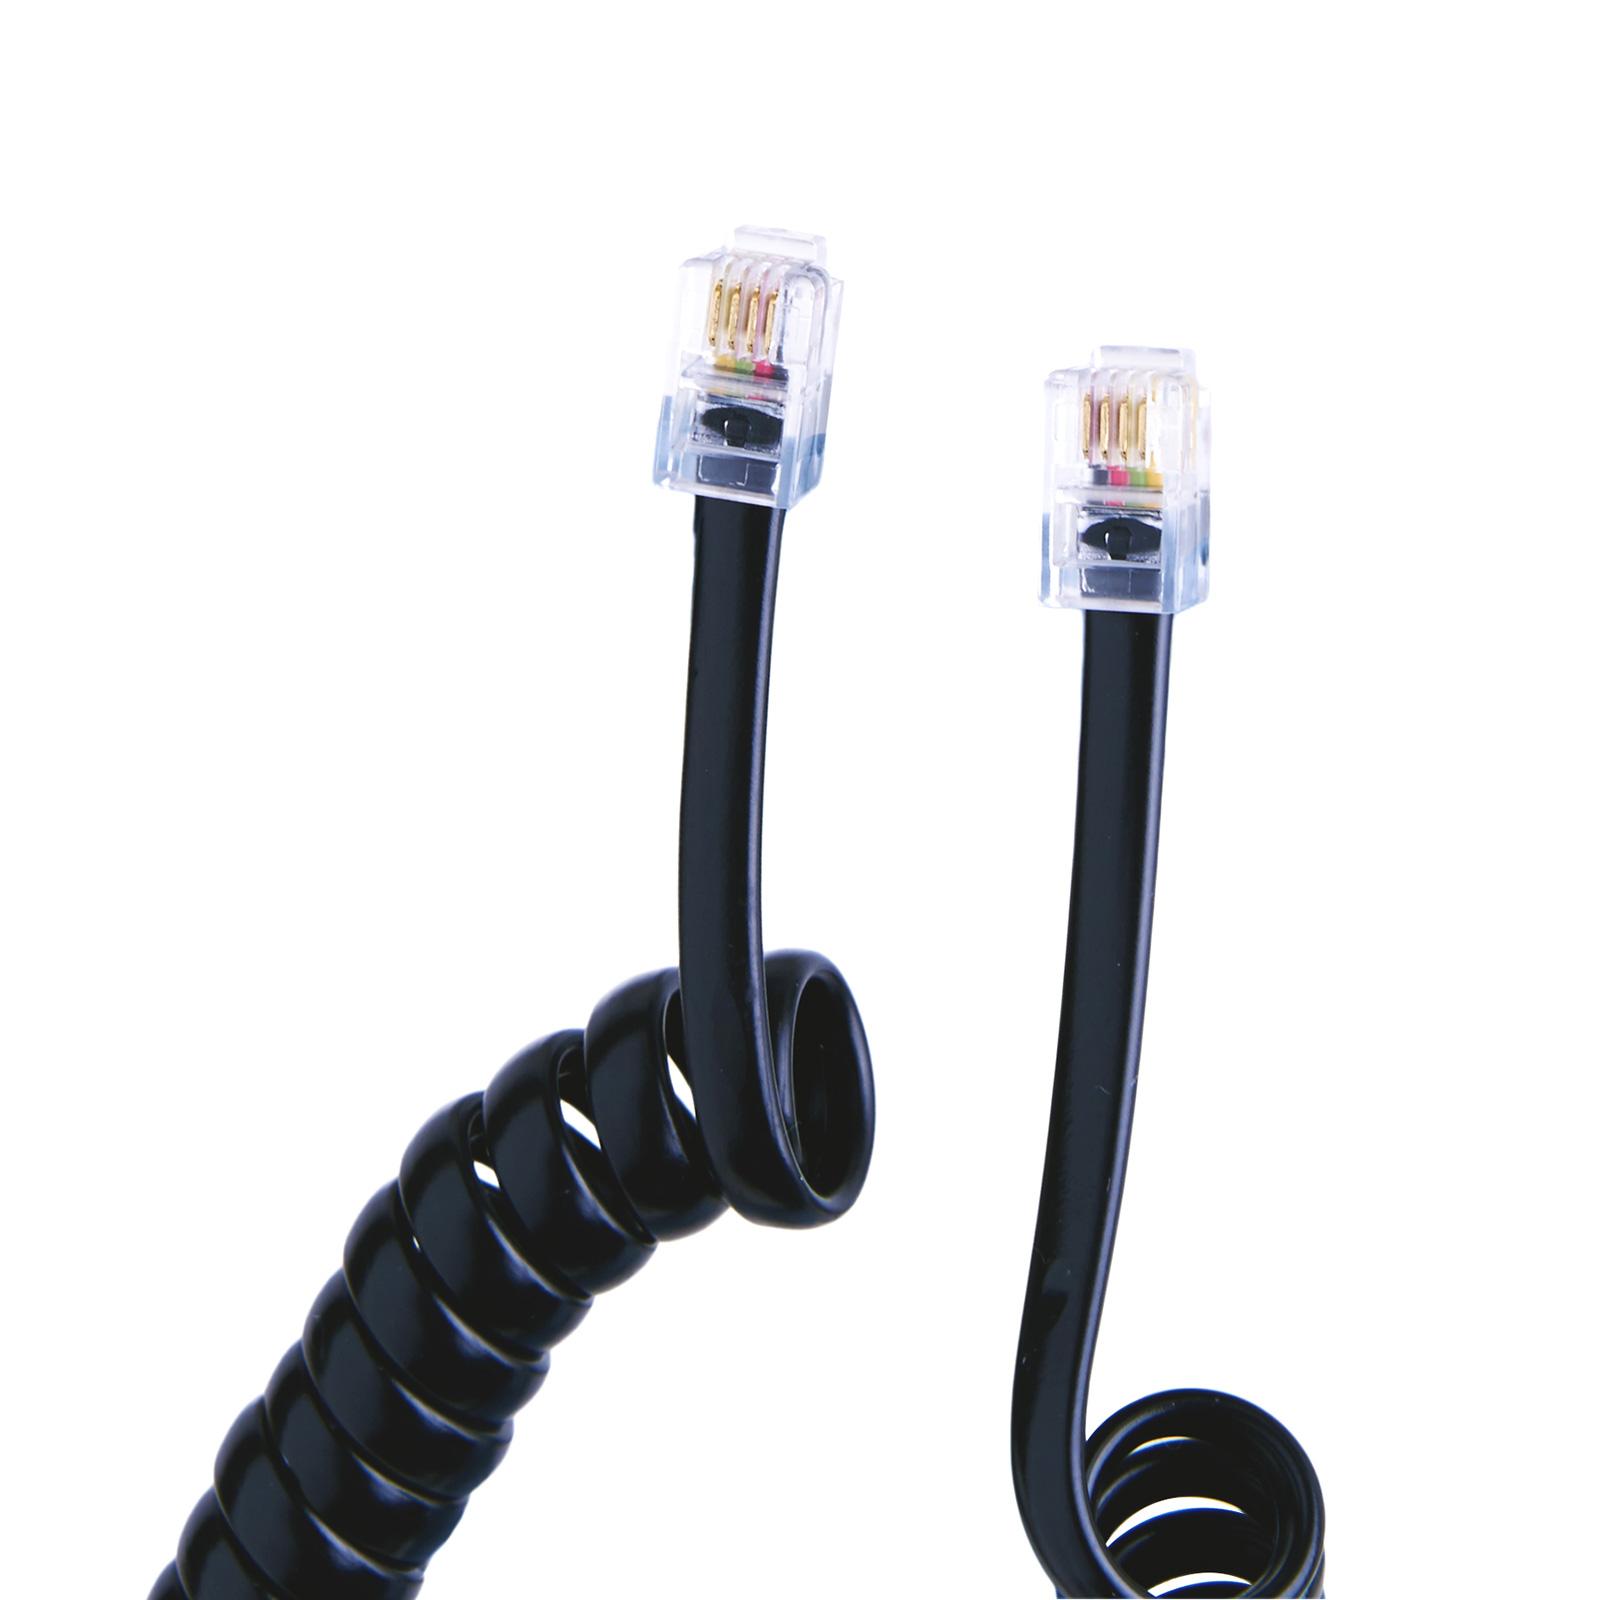 کابل تلفن دایو مدل DT800B طول 2.5 متر